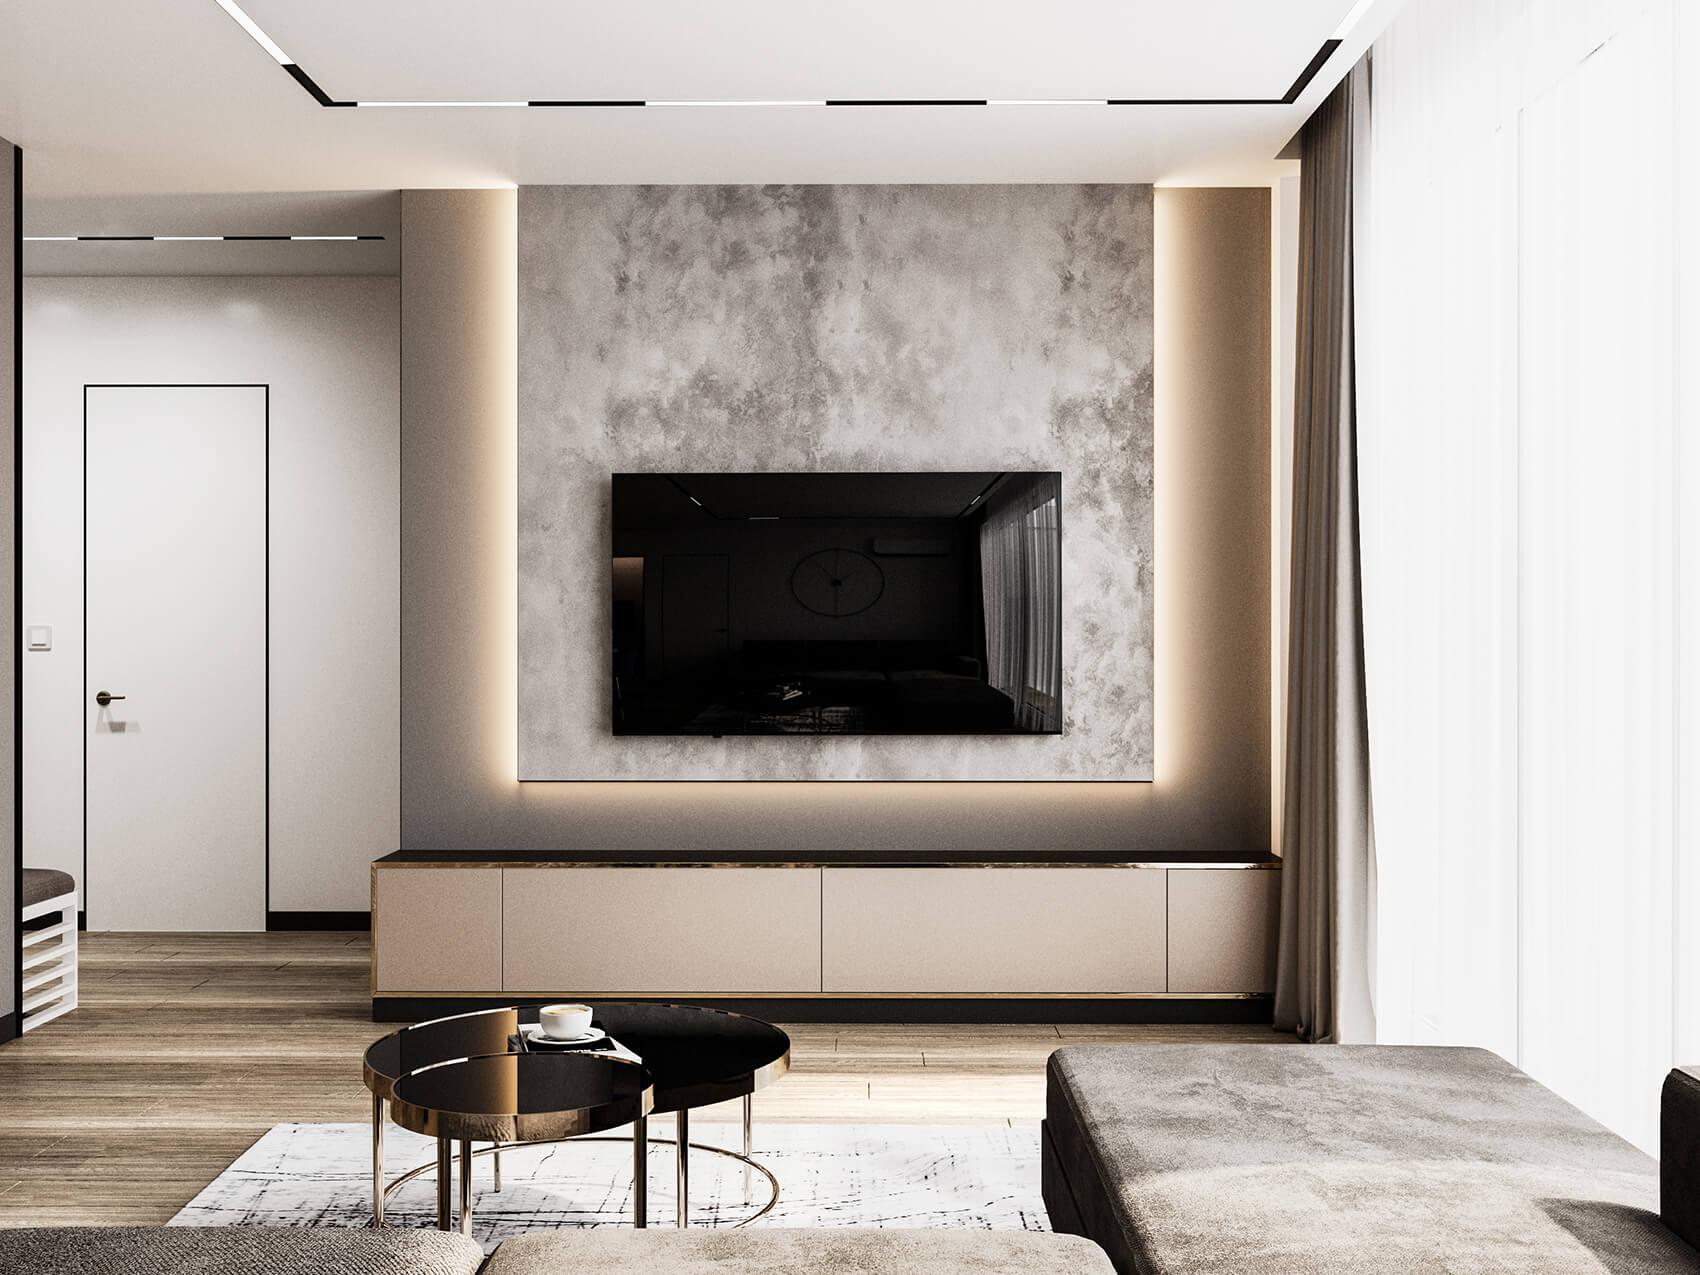 interioren-dizain-proekt-na-vsekidnevna-s-kuhnia-i-trapezaria